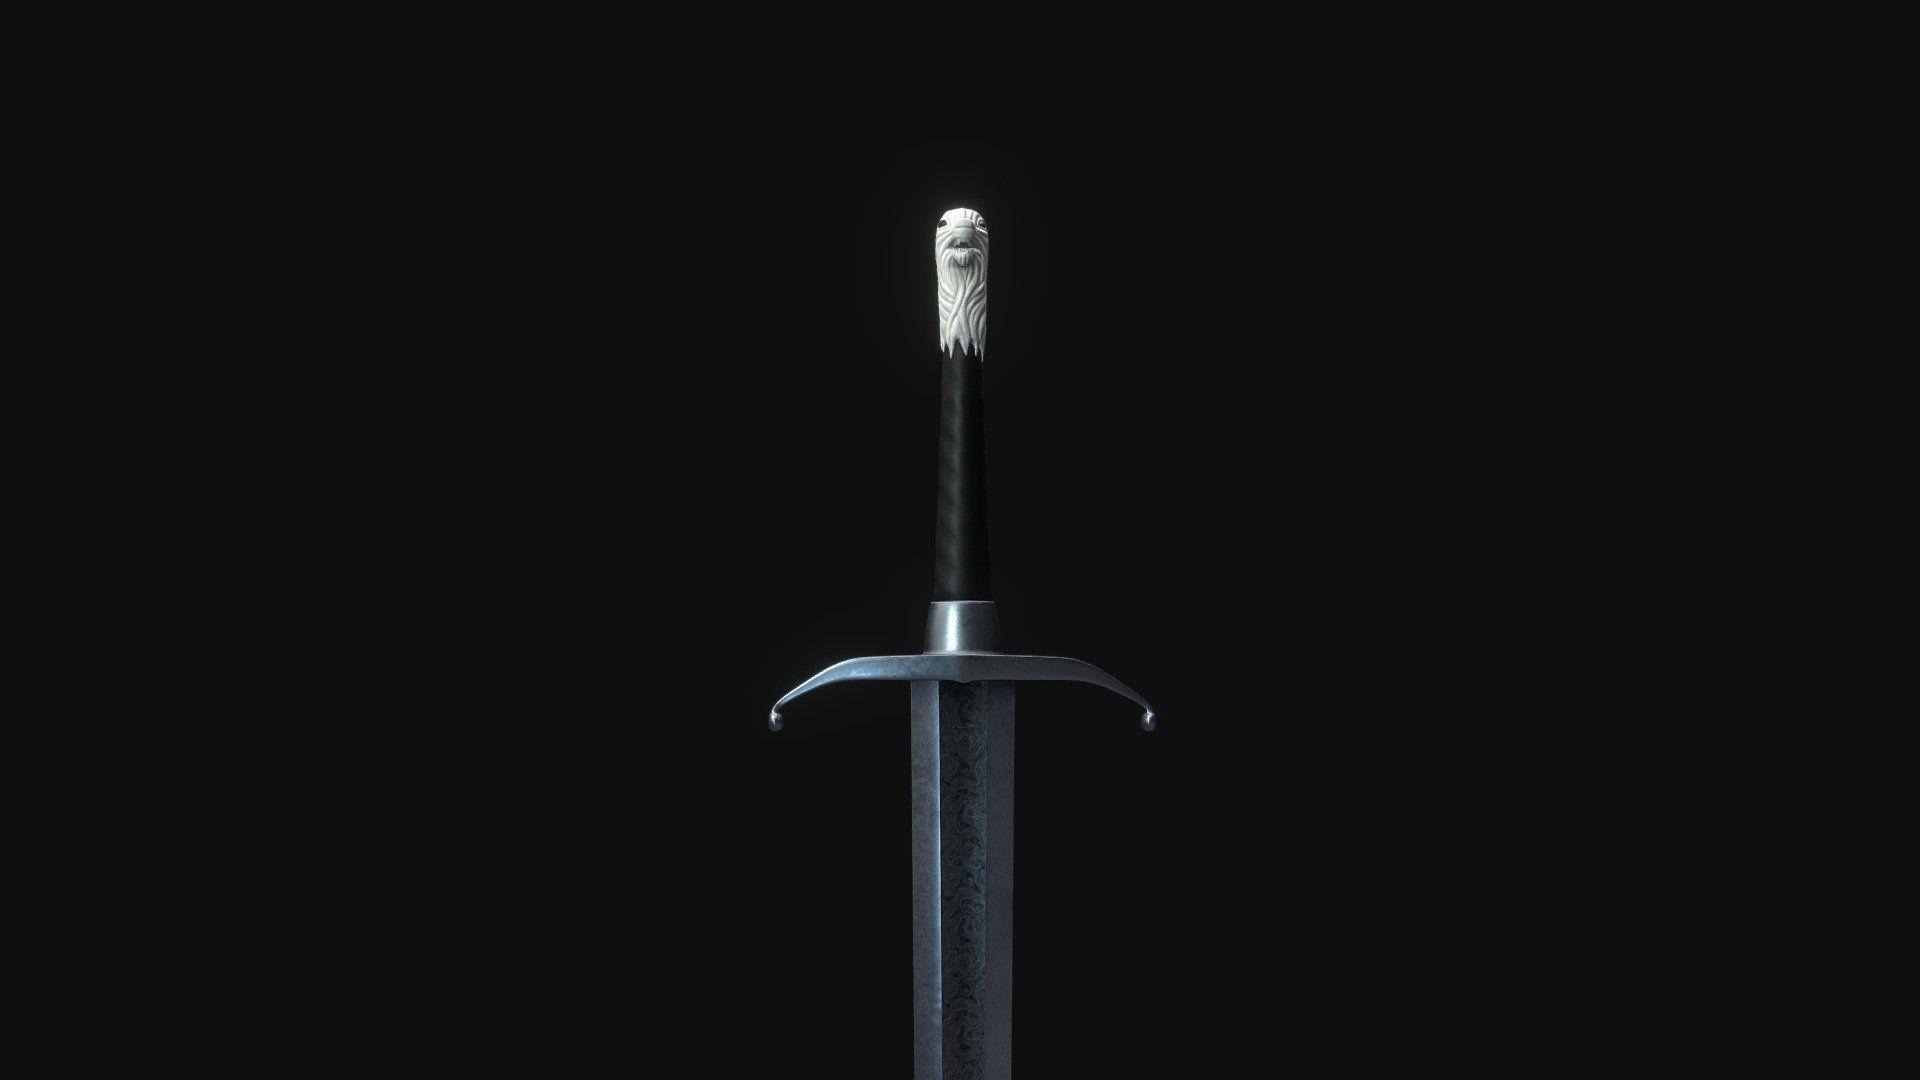 Sword full hd wallpaper for laptop